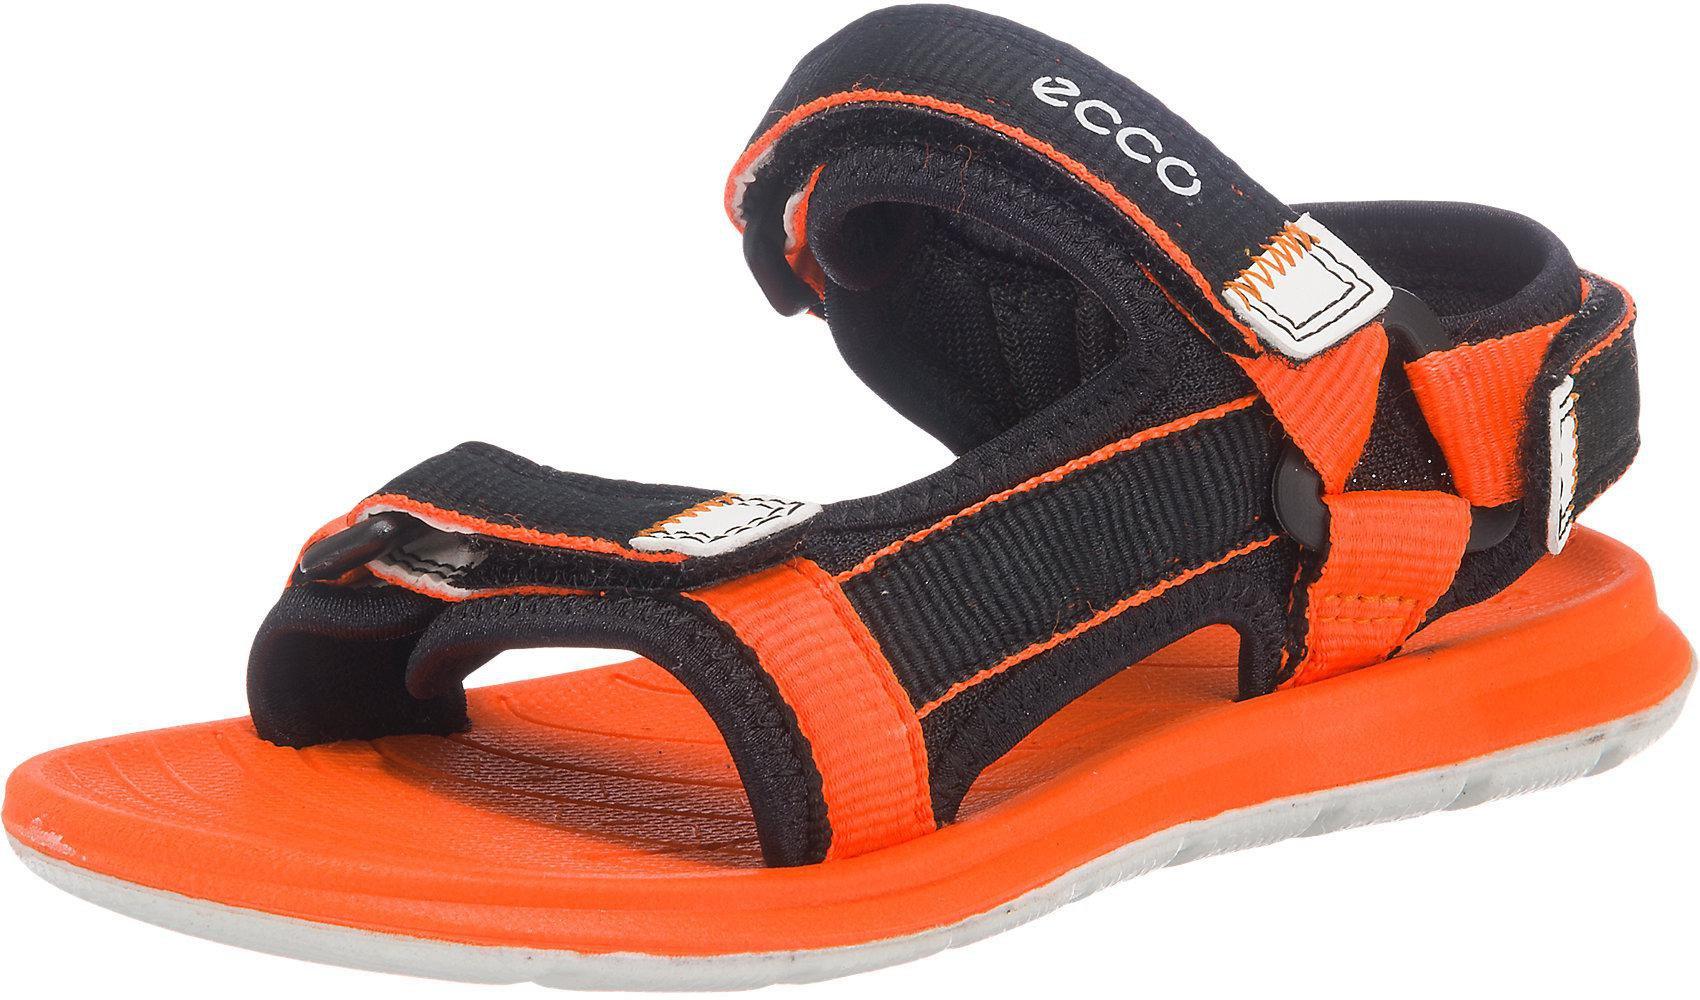 b5364565e8157d Ecco Sandalen Jungen kaufen